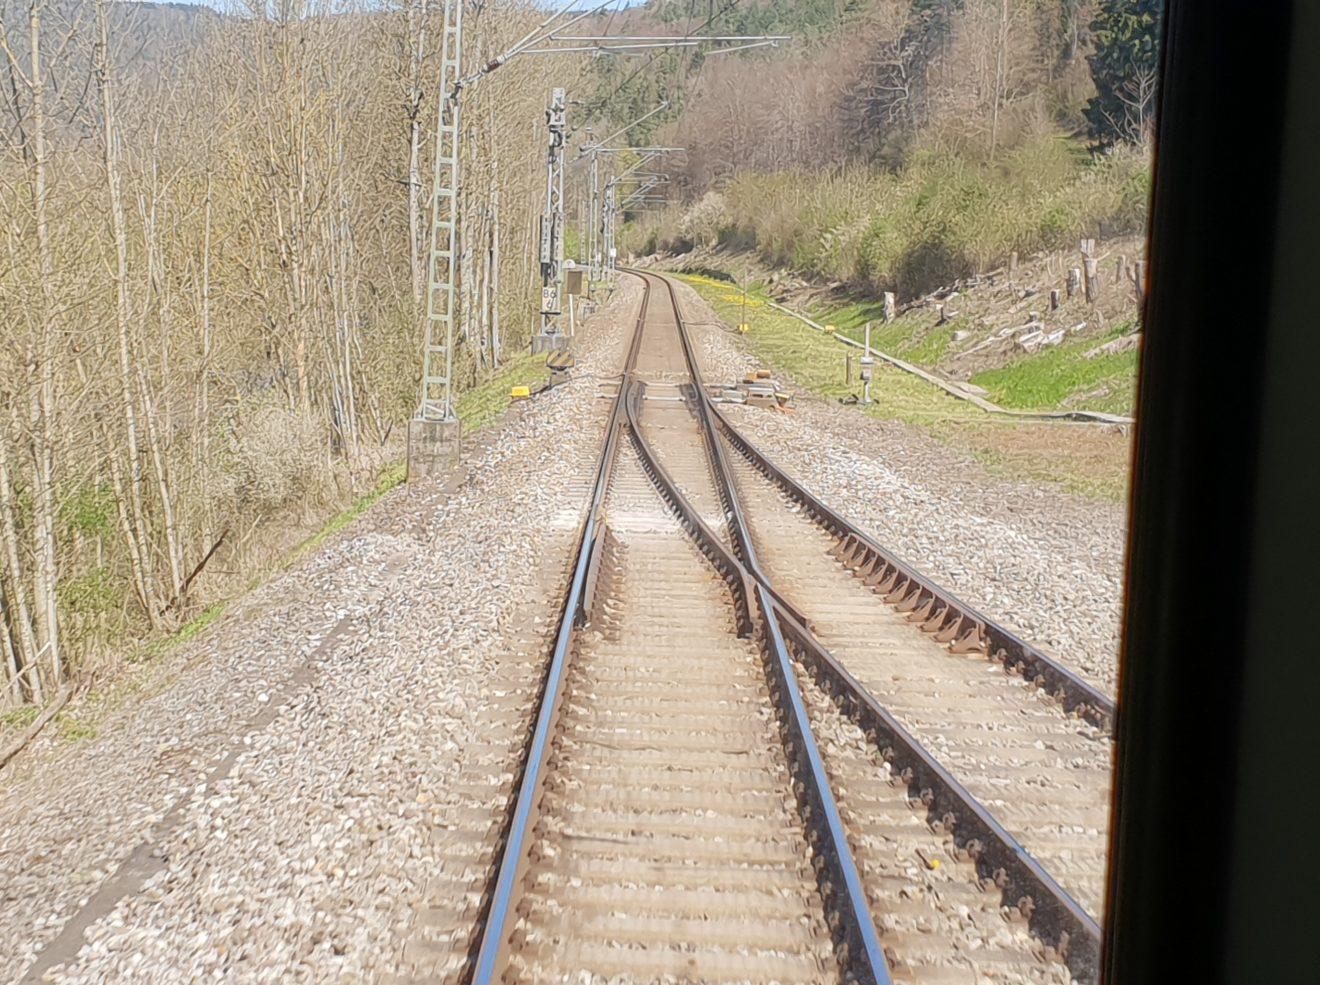 Gäubahn südlich von Neckarhausen